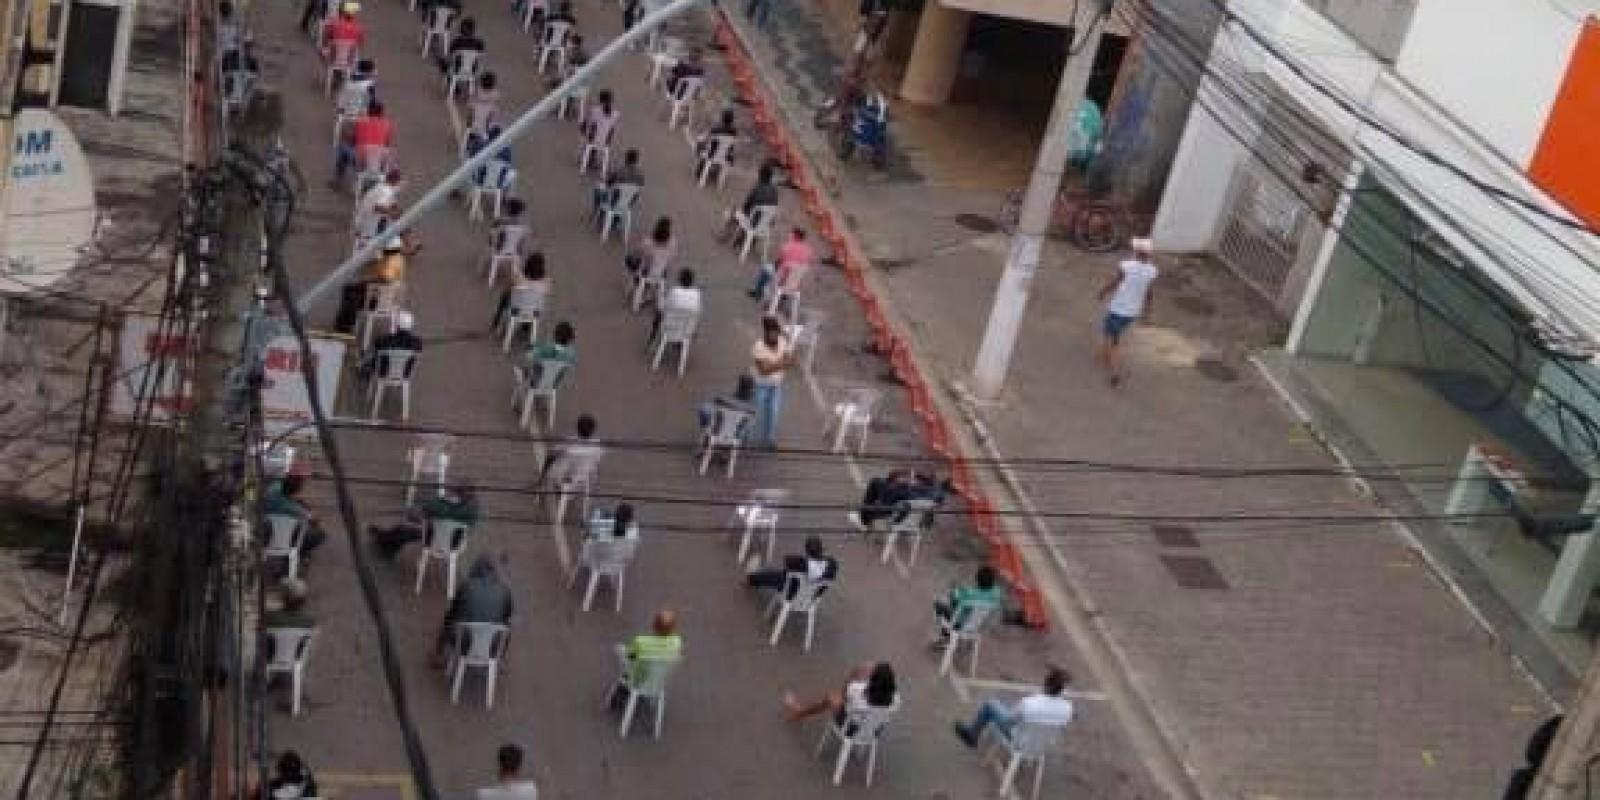 Após solicitação do Sindicato dos Bancários, fila do auxílio emergencial está sendo organizada pela guarda municipal, mantendo-se o distanciamento